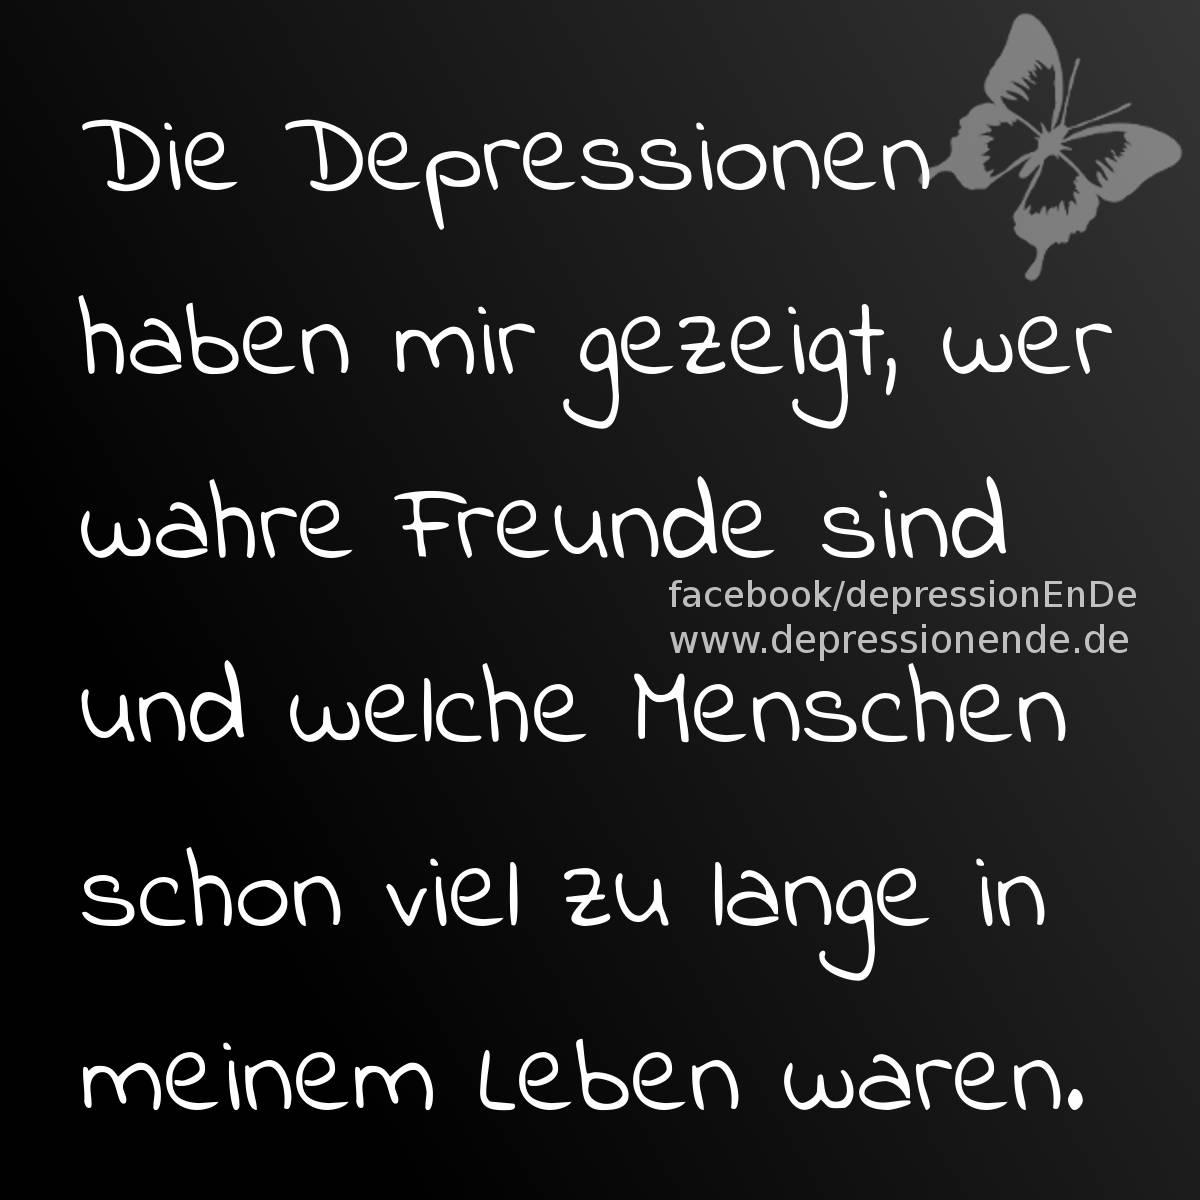 Spruchbild: Die Depressionen haben mir gezeigt wer wahre Freunde sind und welche Menschen schon viel zu lange in meinem Leben waren.